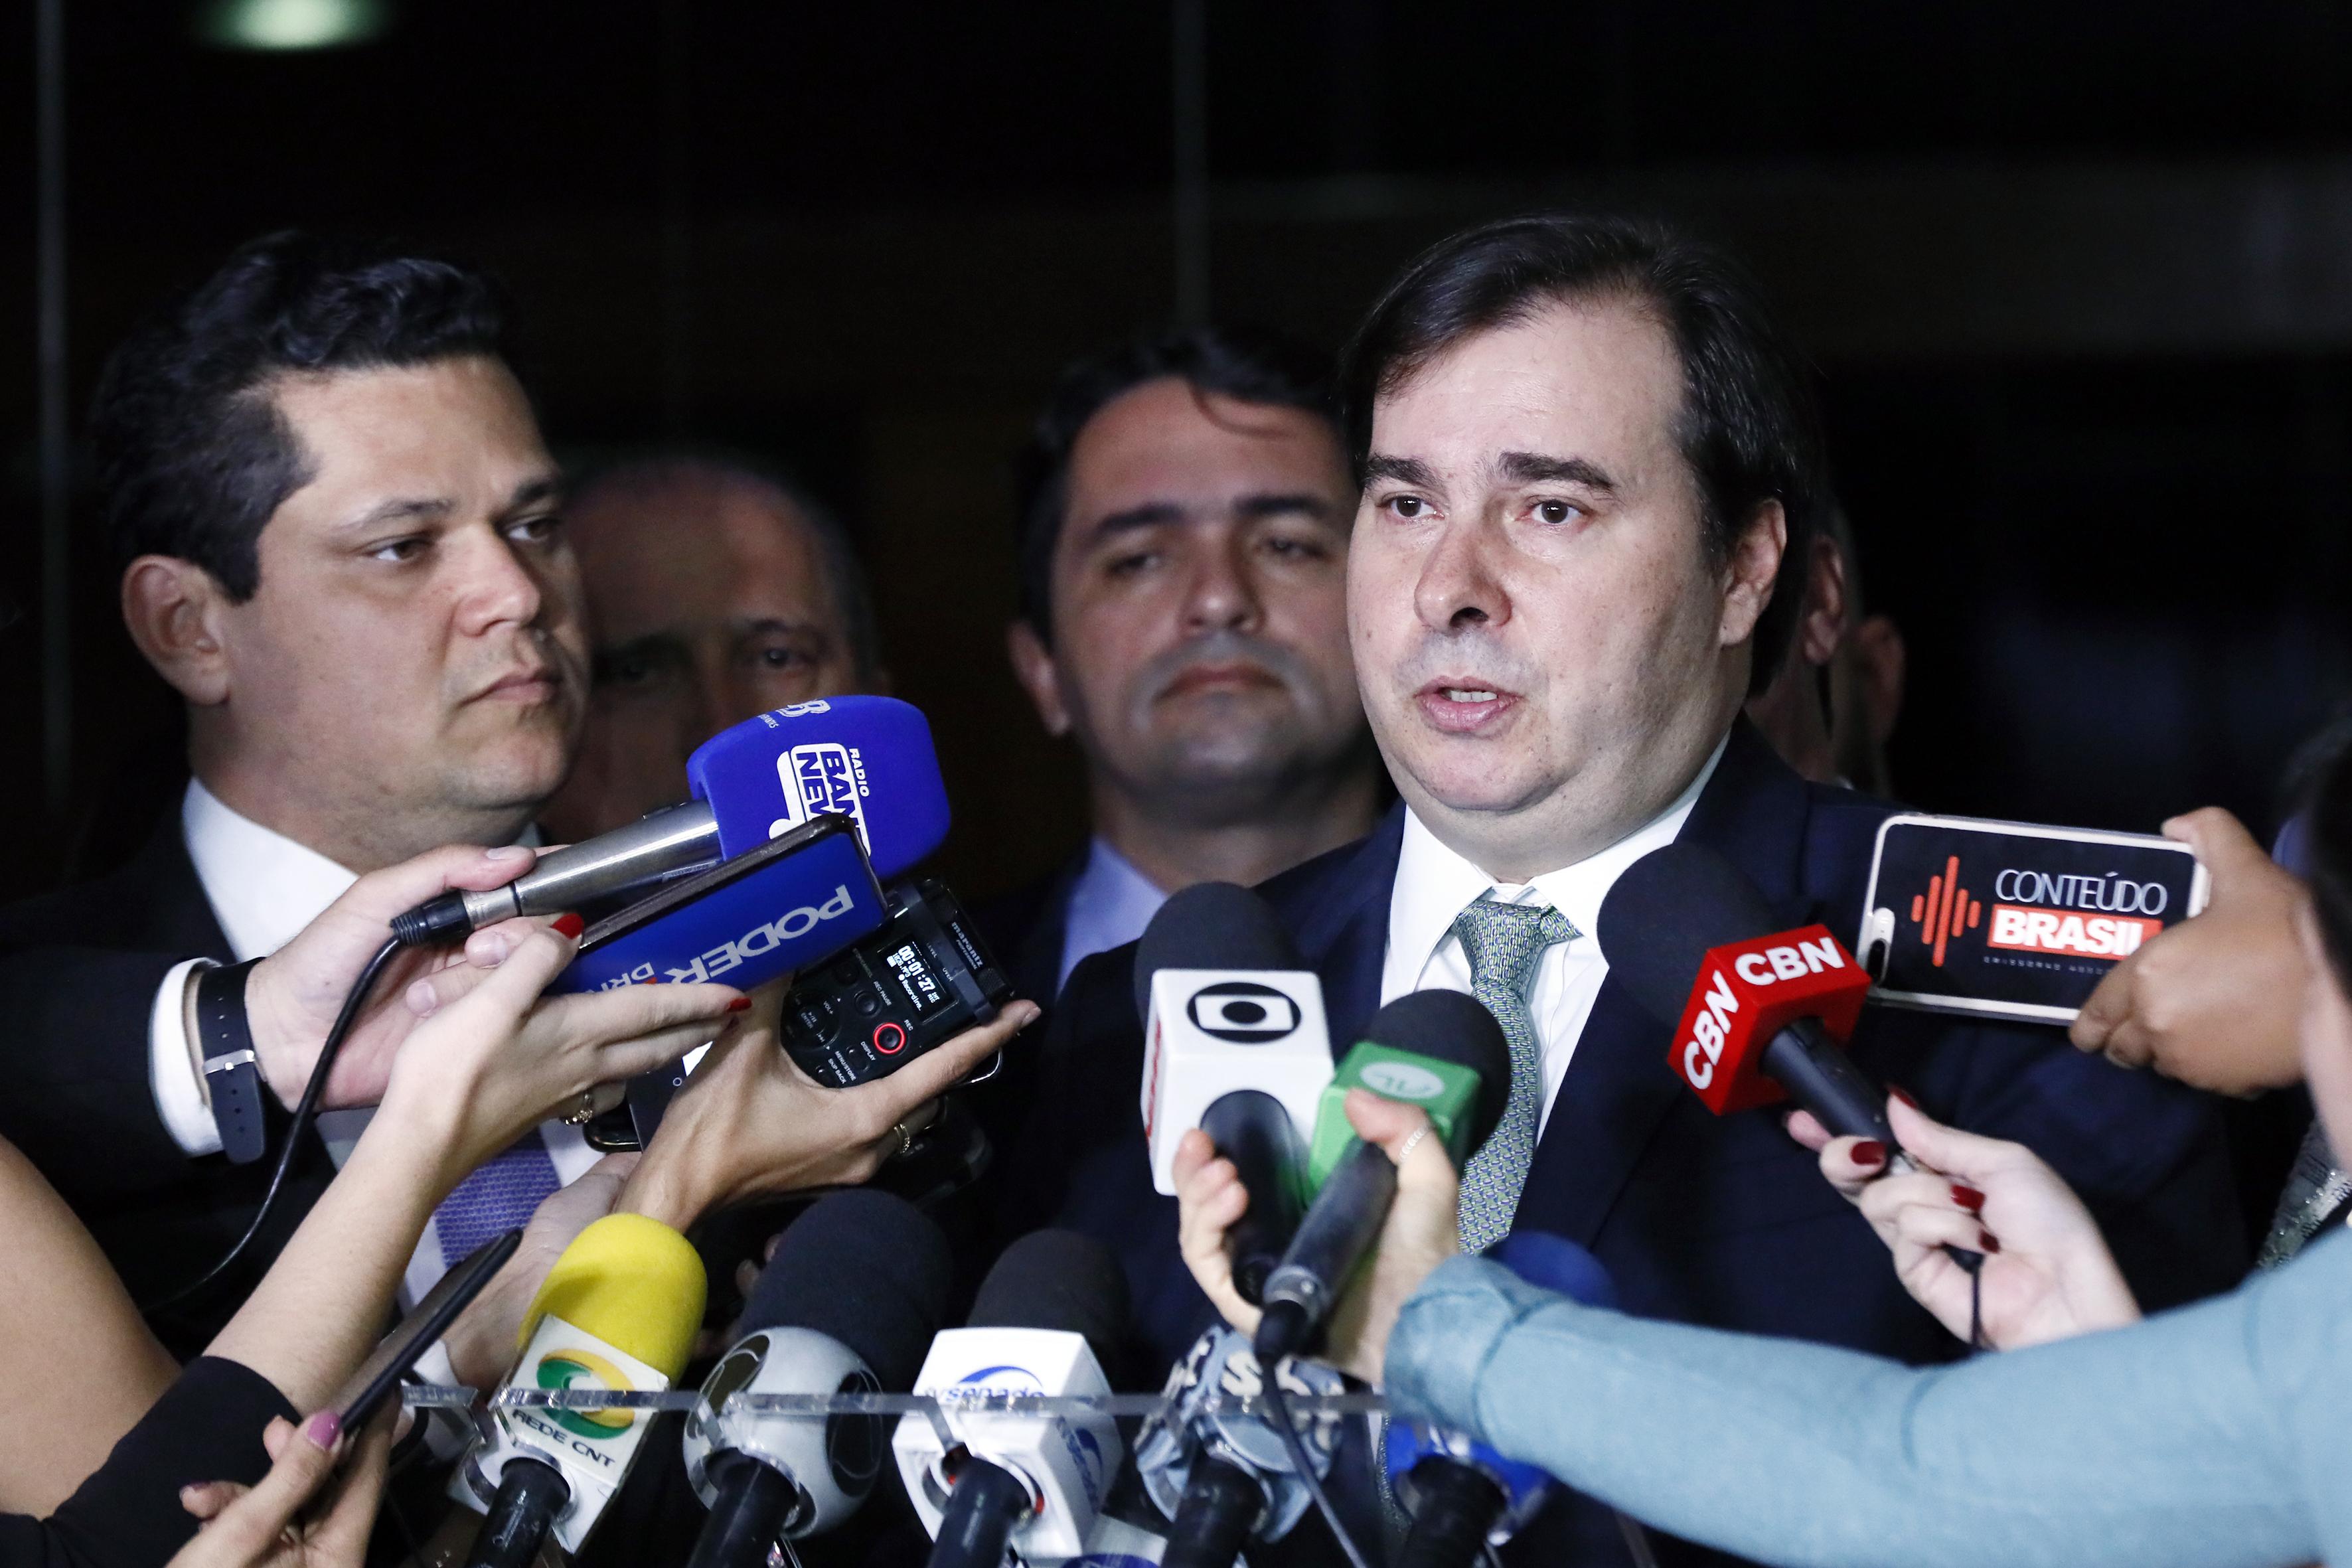 Presidente da Câmara dep. Rodrigo Maia (DEM-RJ), concede entrevista